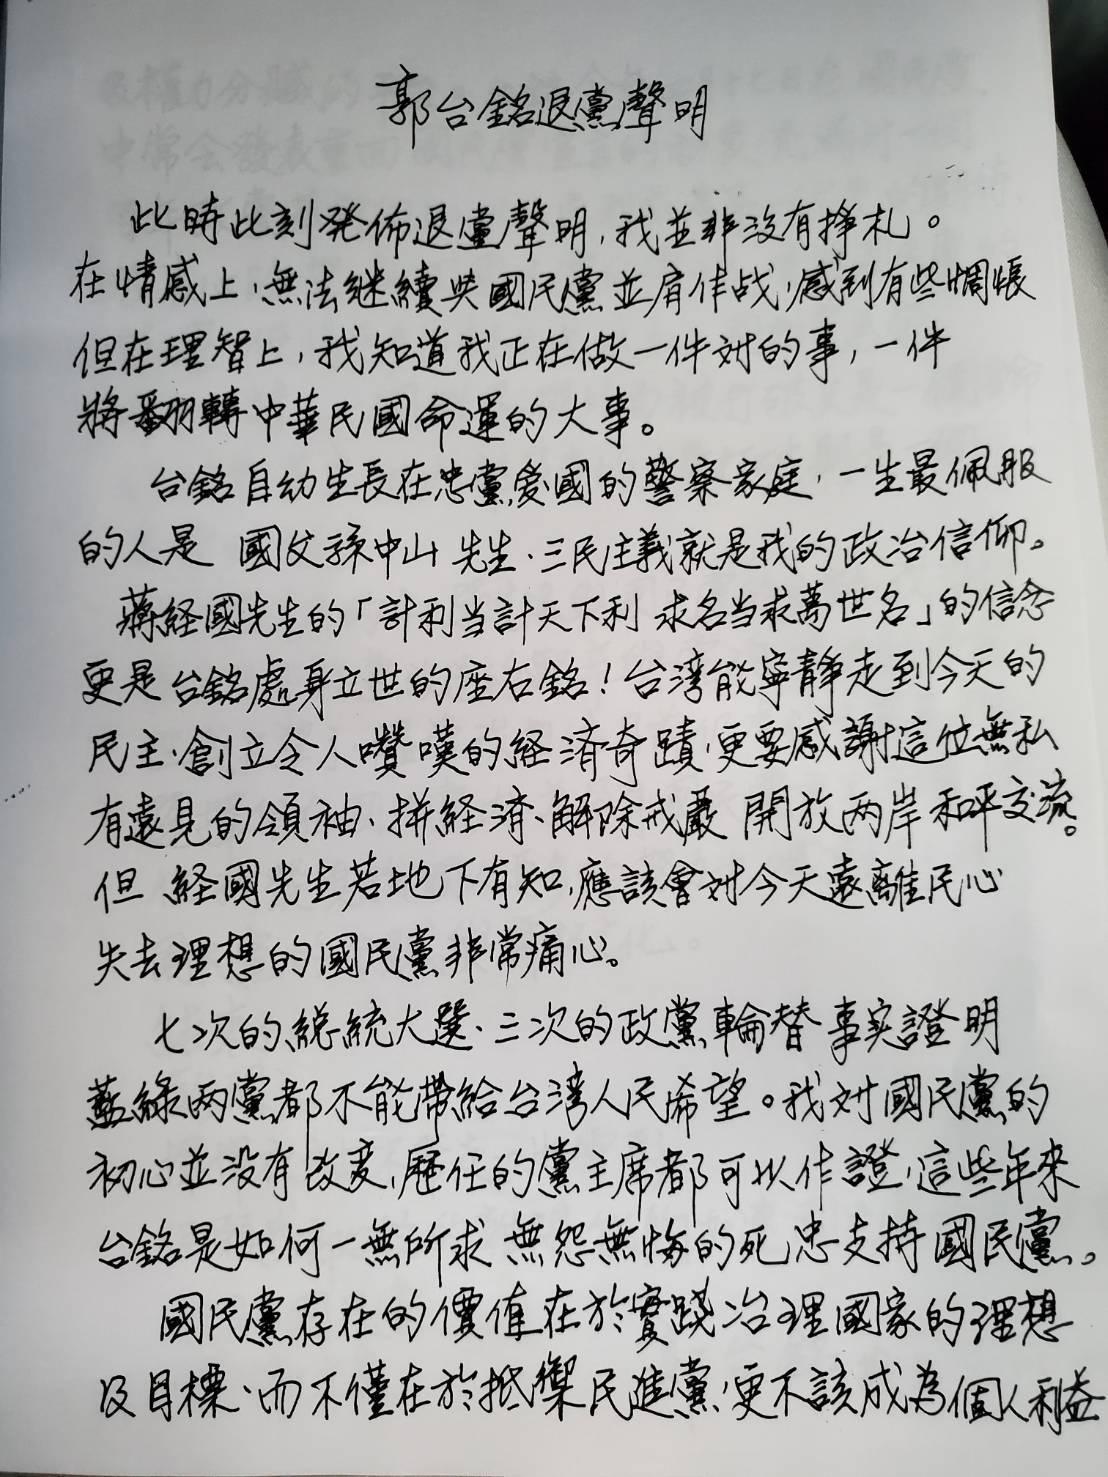 郭台銘親手寫的退黨聲明。圖/郭台銘辦公室提供